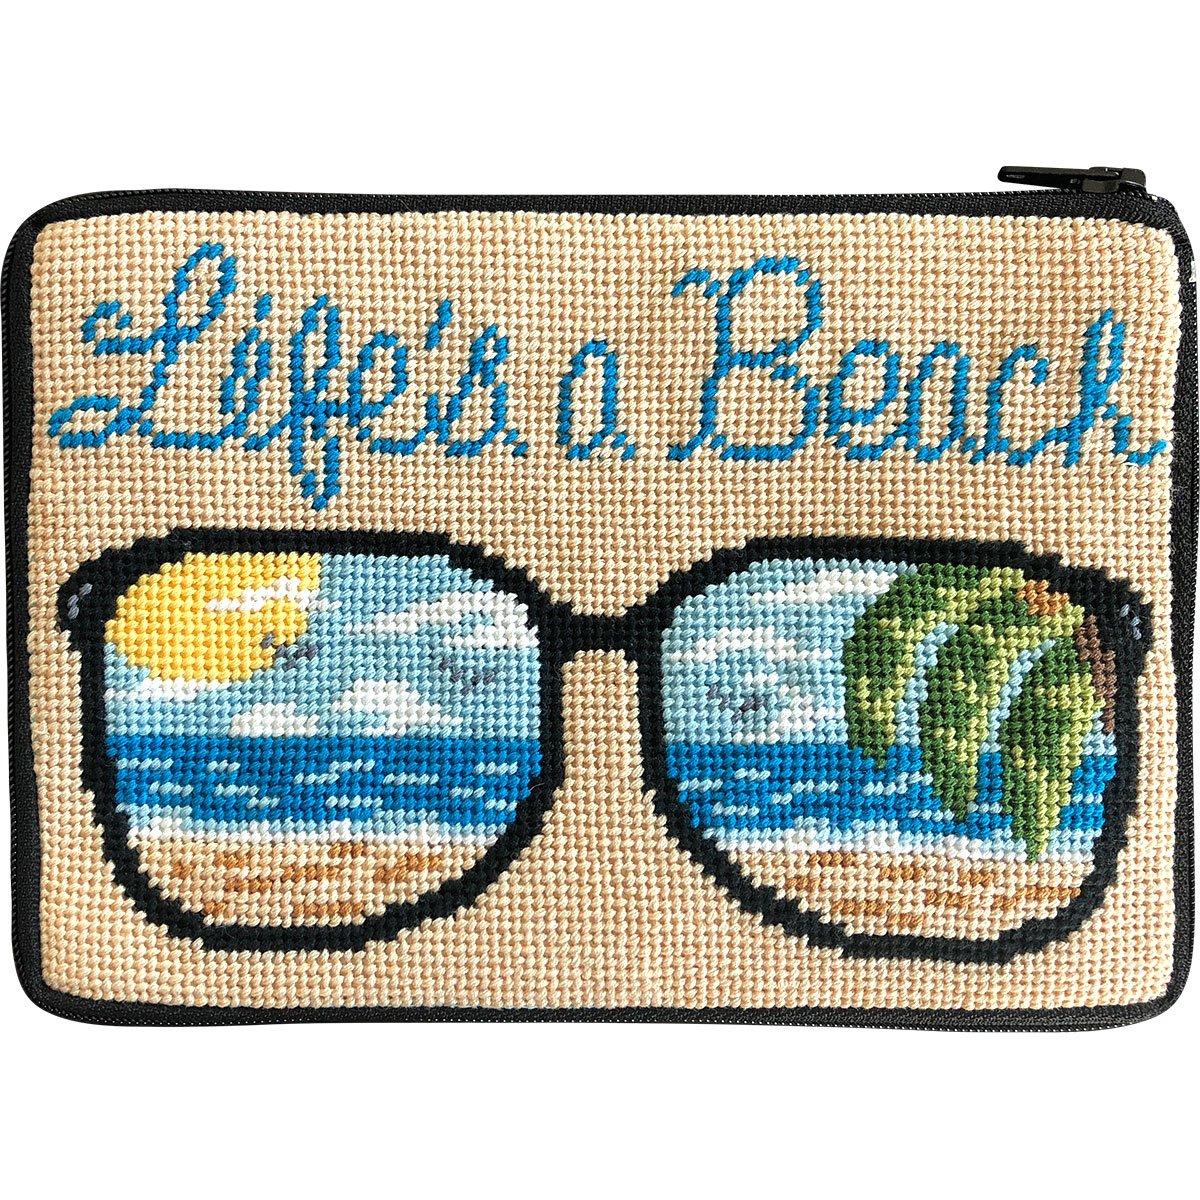 Life's a Beach Stitch & Zip Cosmetic Purse